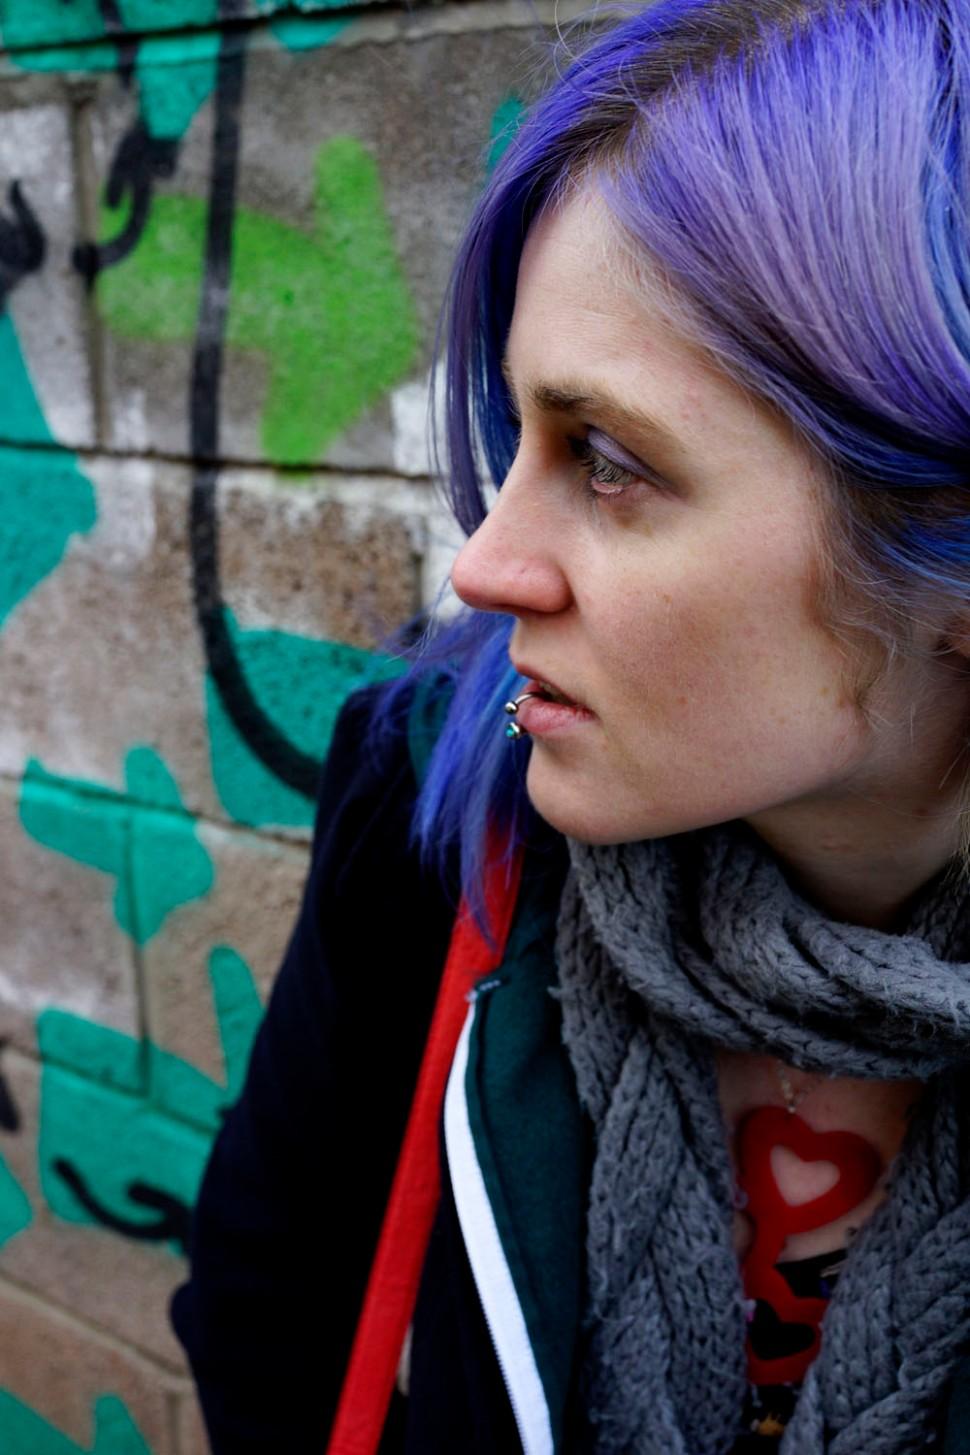 violet-noir-sony-rx1-portraits-020